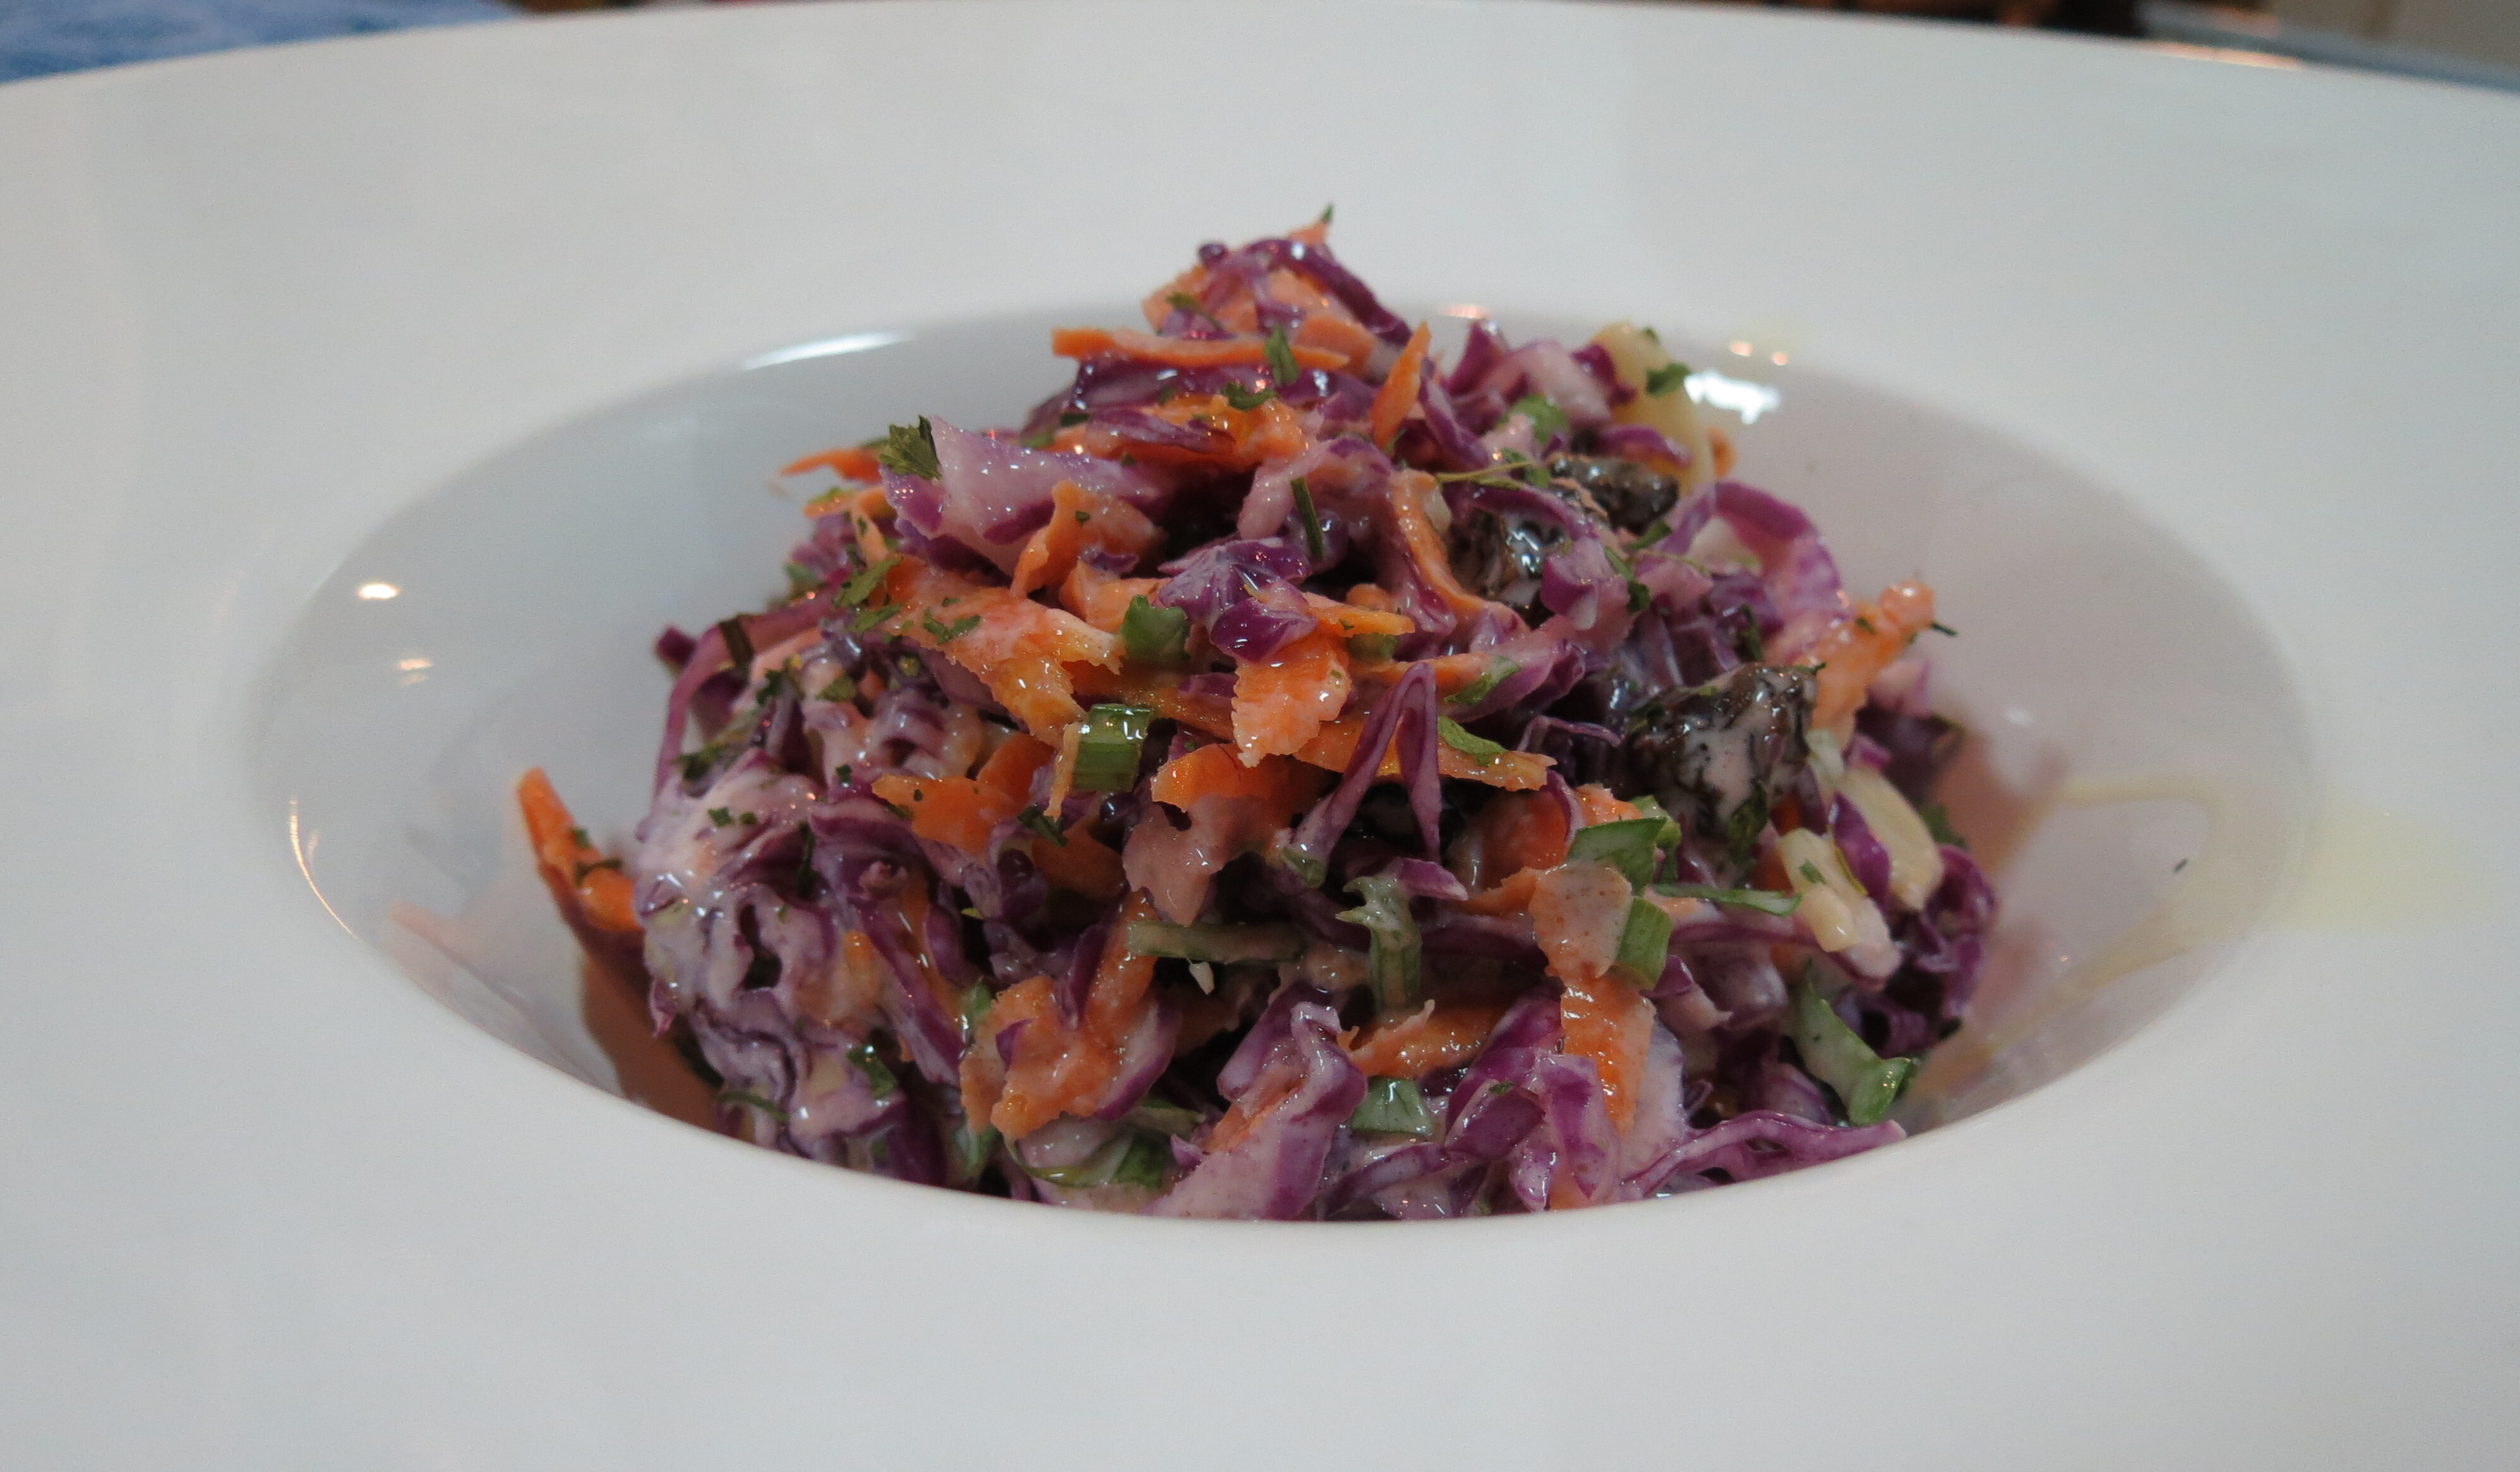 Salada de Repolho Estilo Coleslaw